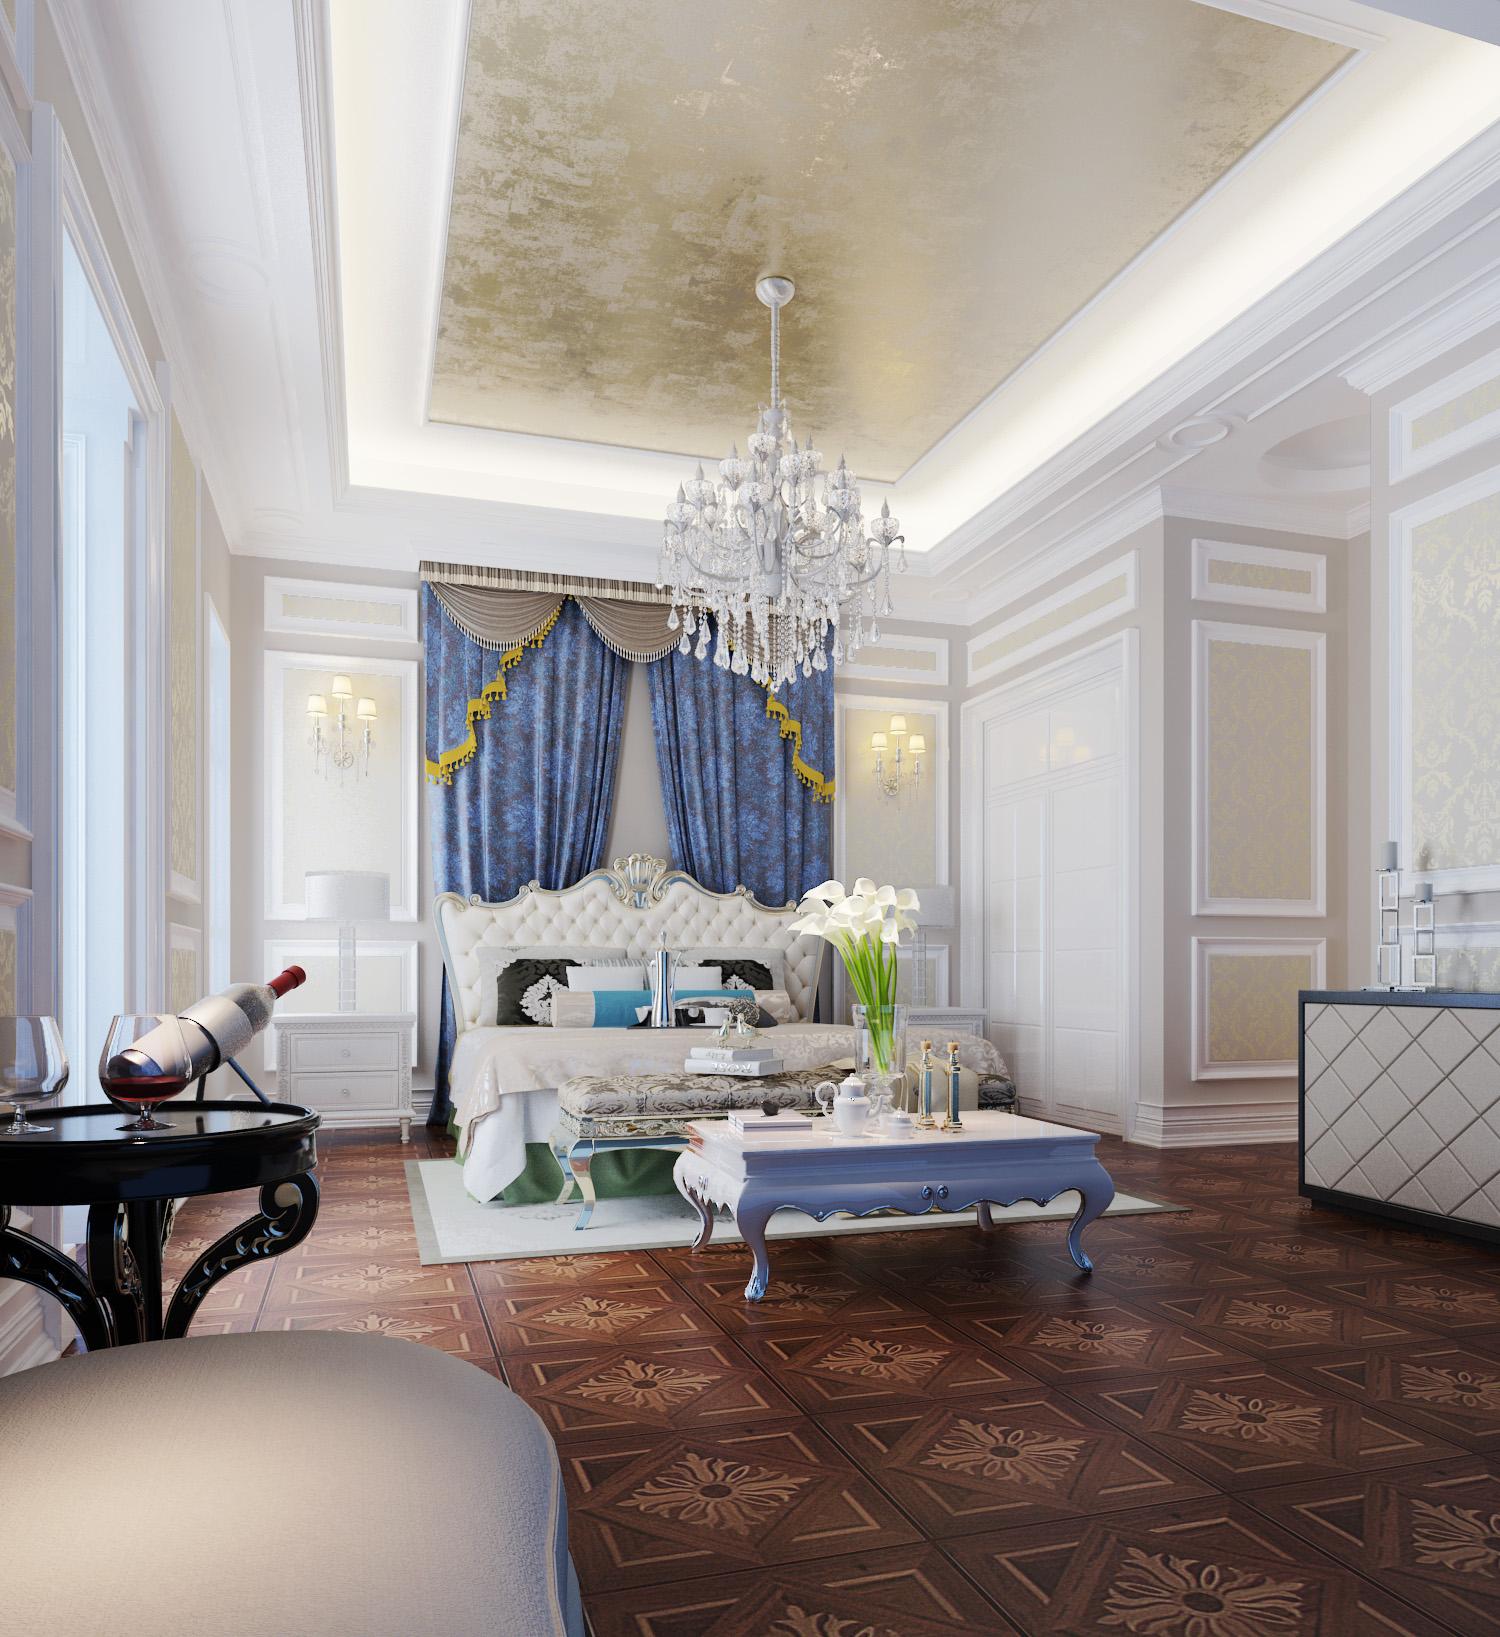 法式风格 别墅装修 装修设计 梵客家装 装修公司 卧室图片来自天津梵客家装实景体验馆在210平浪漫法式风格|仁爱团泊湖的分享